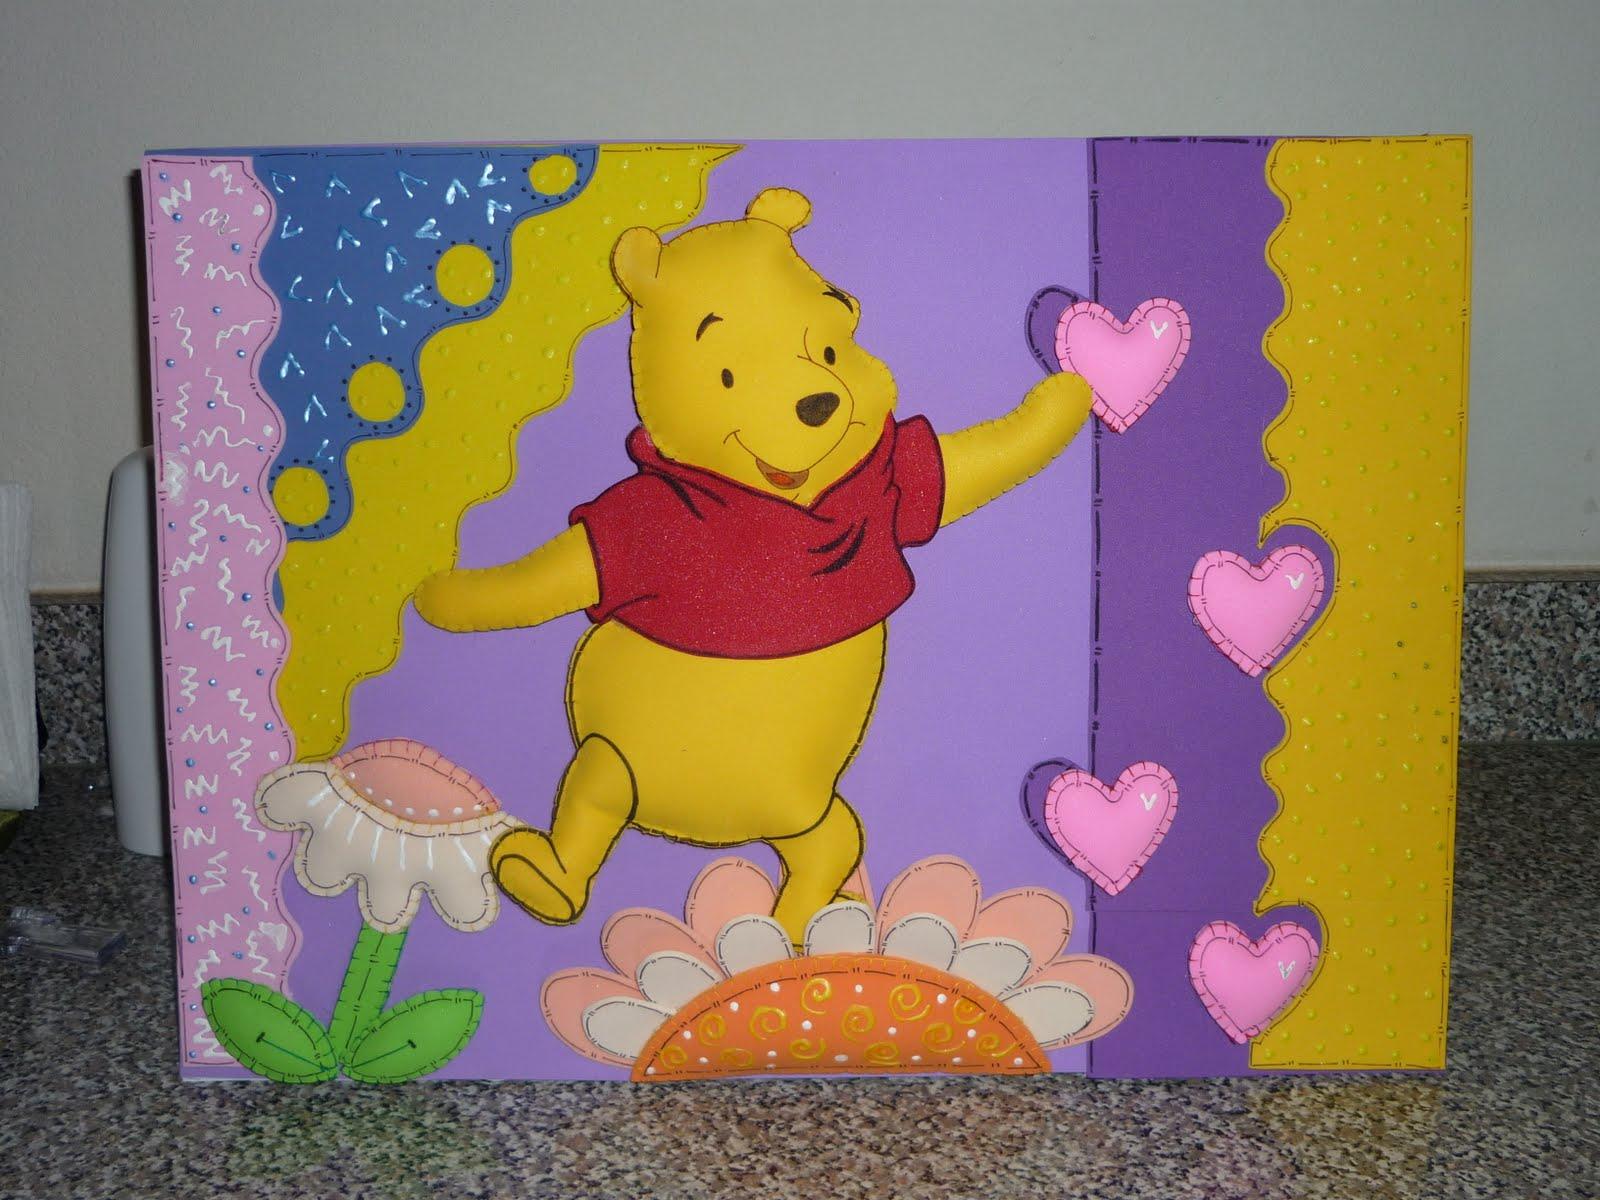 Cuadro de Winnie Pooh en tercera dimension (relleno)